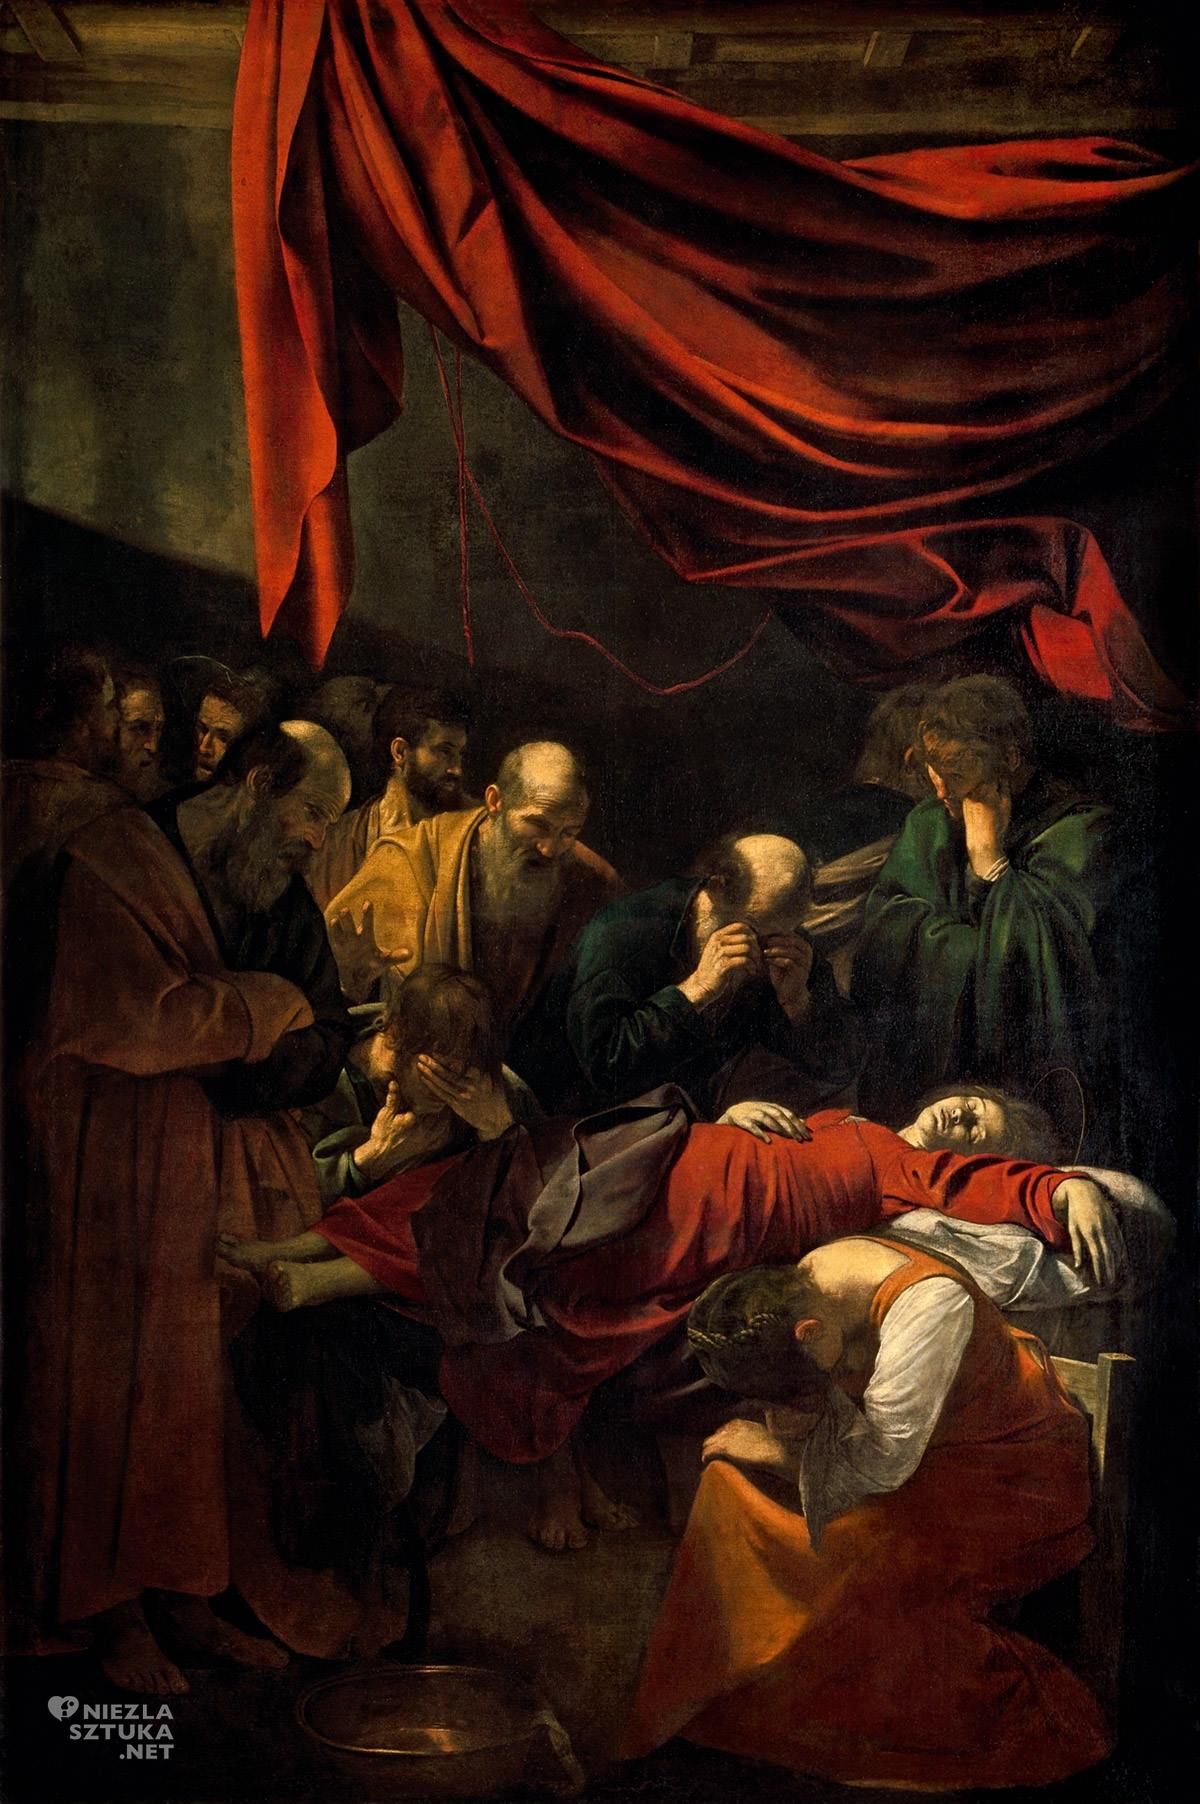 Caravaggio, Śmierć Marii, Zaśnięcie Maryi, sztuka religijna, barok, Niezła Sztuka